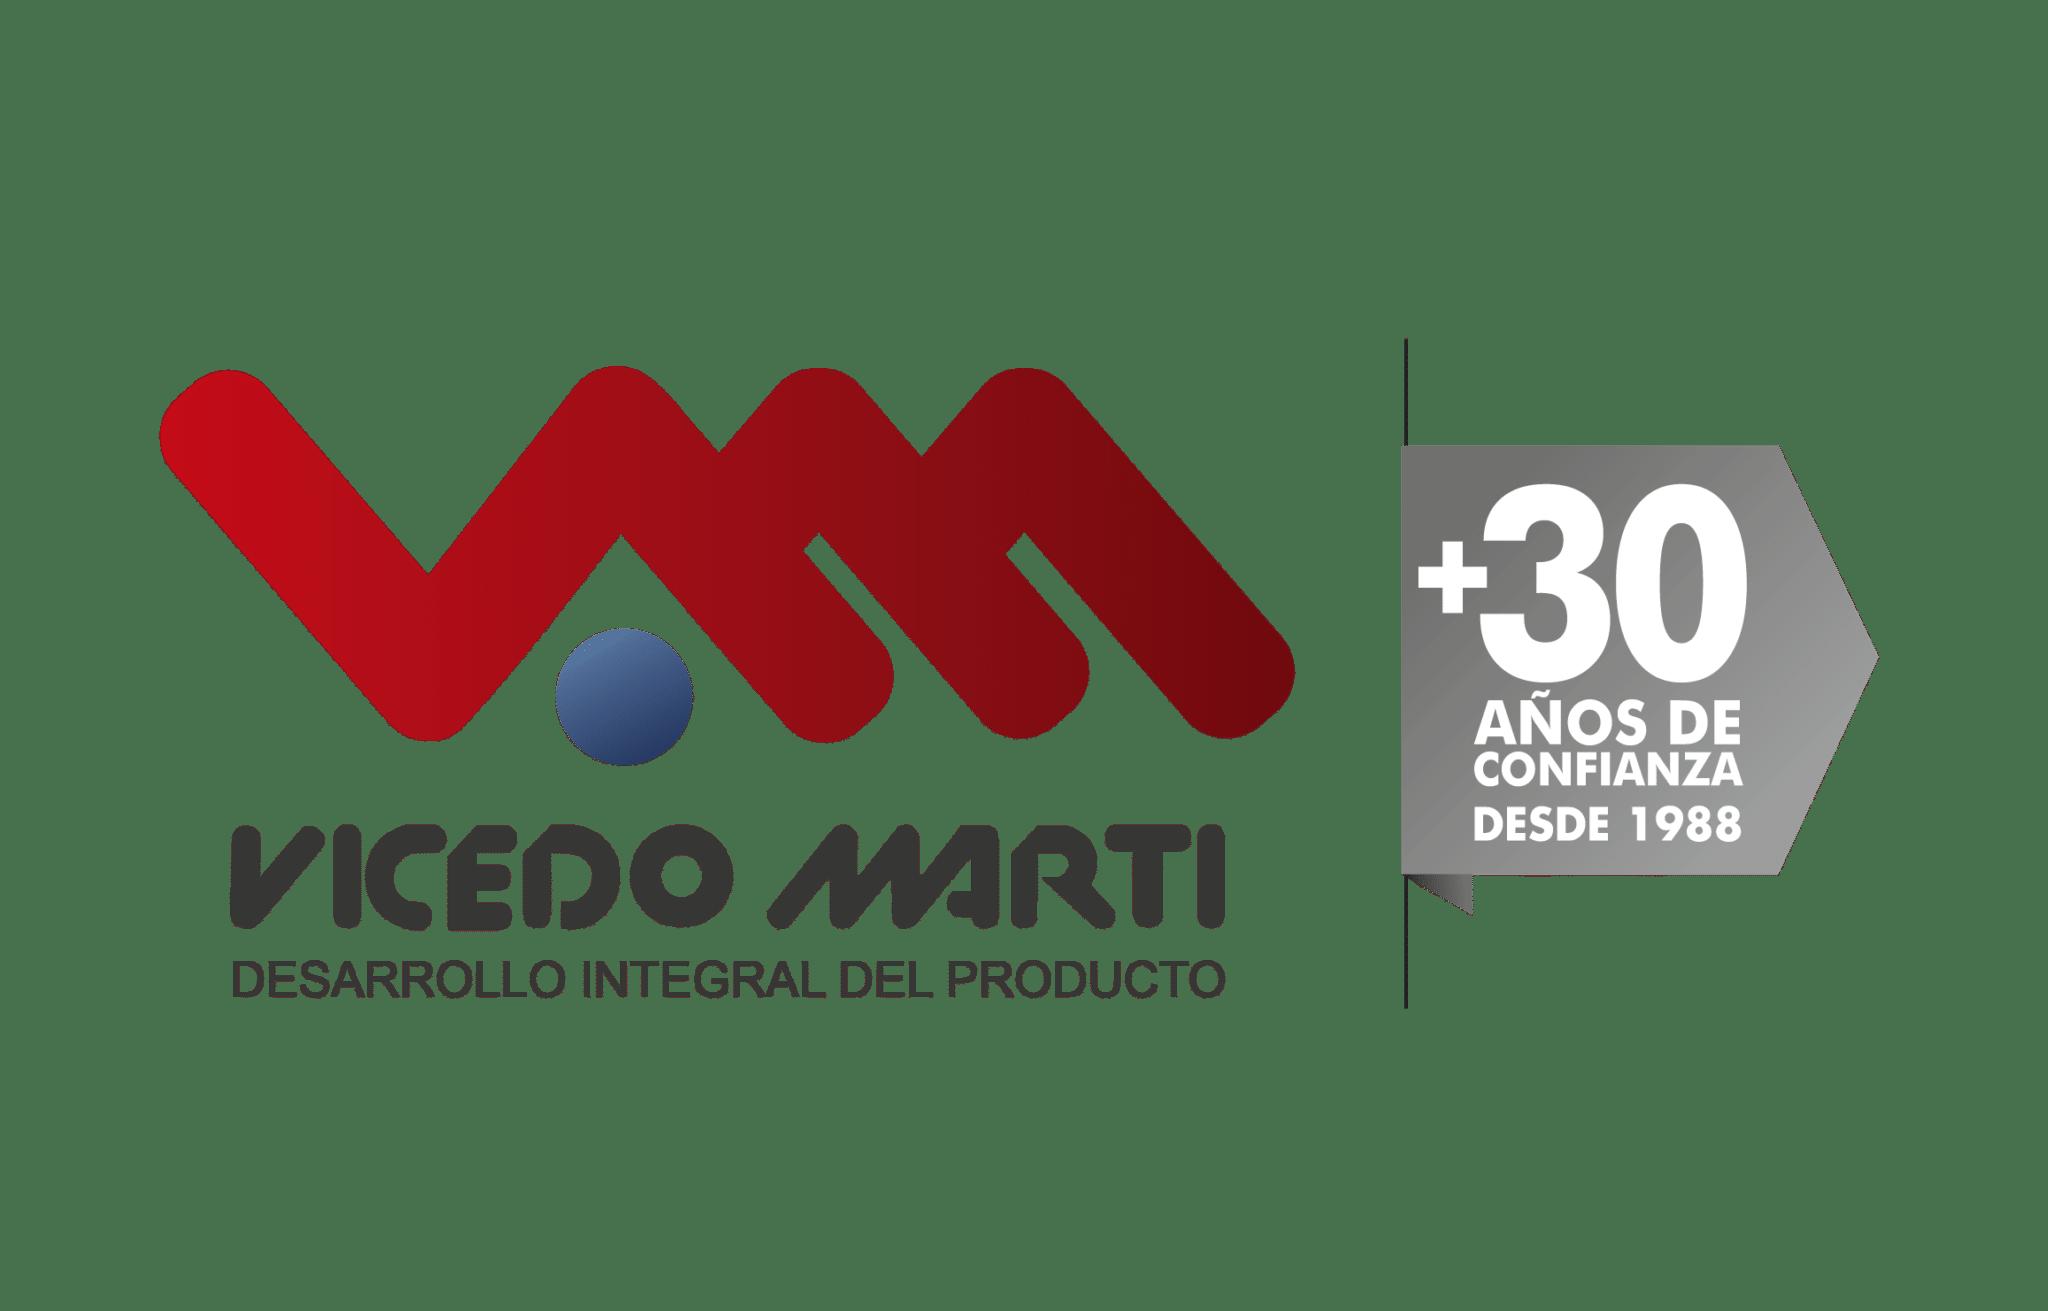 Logotipo de VICEDO MARTI